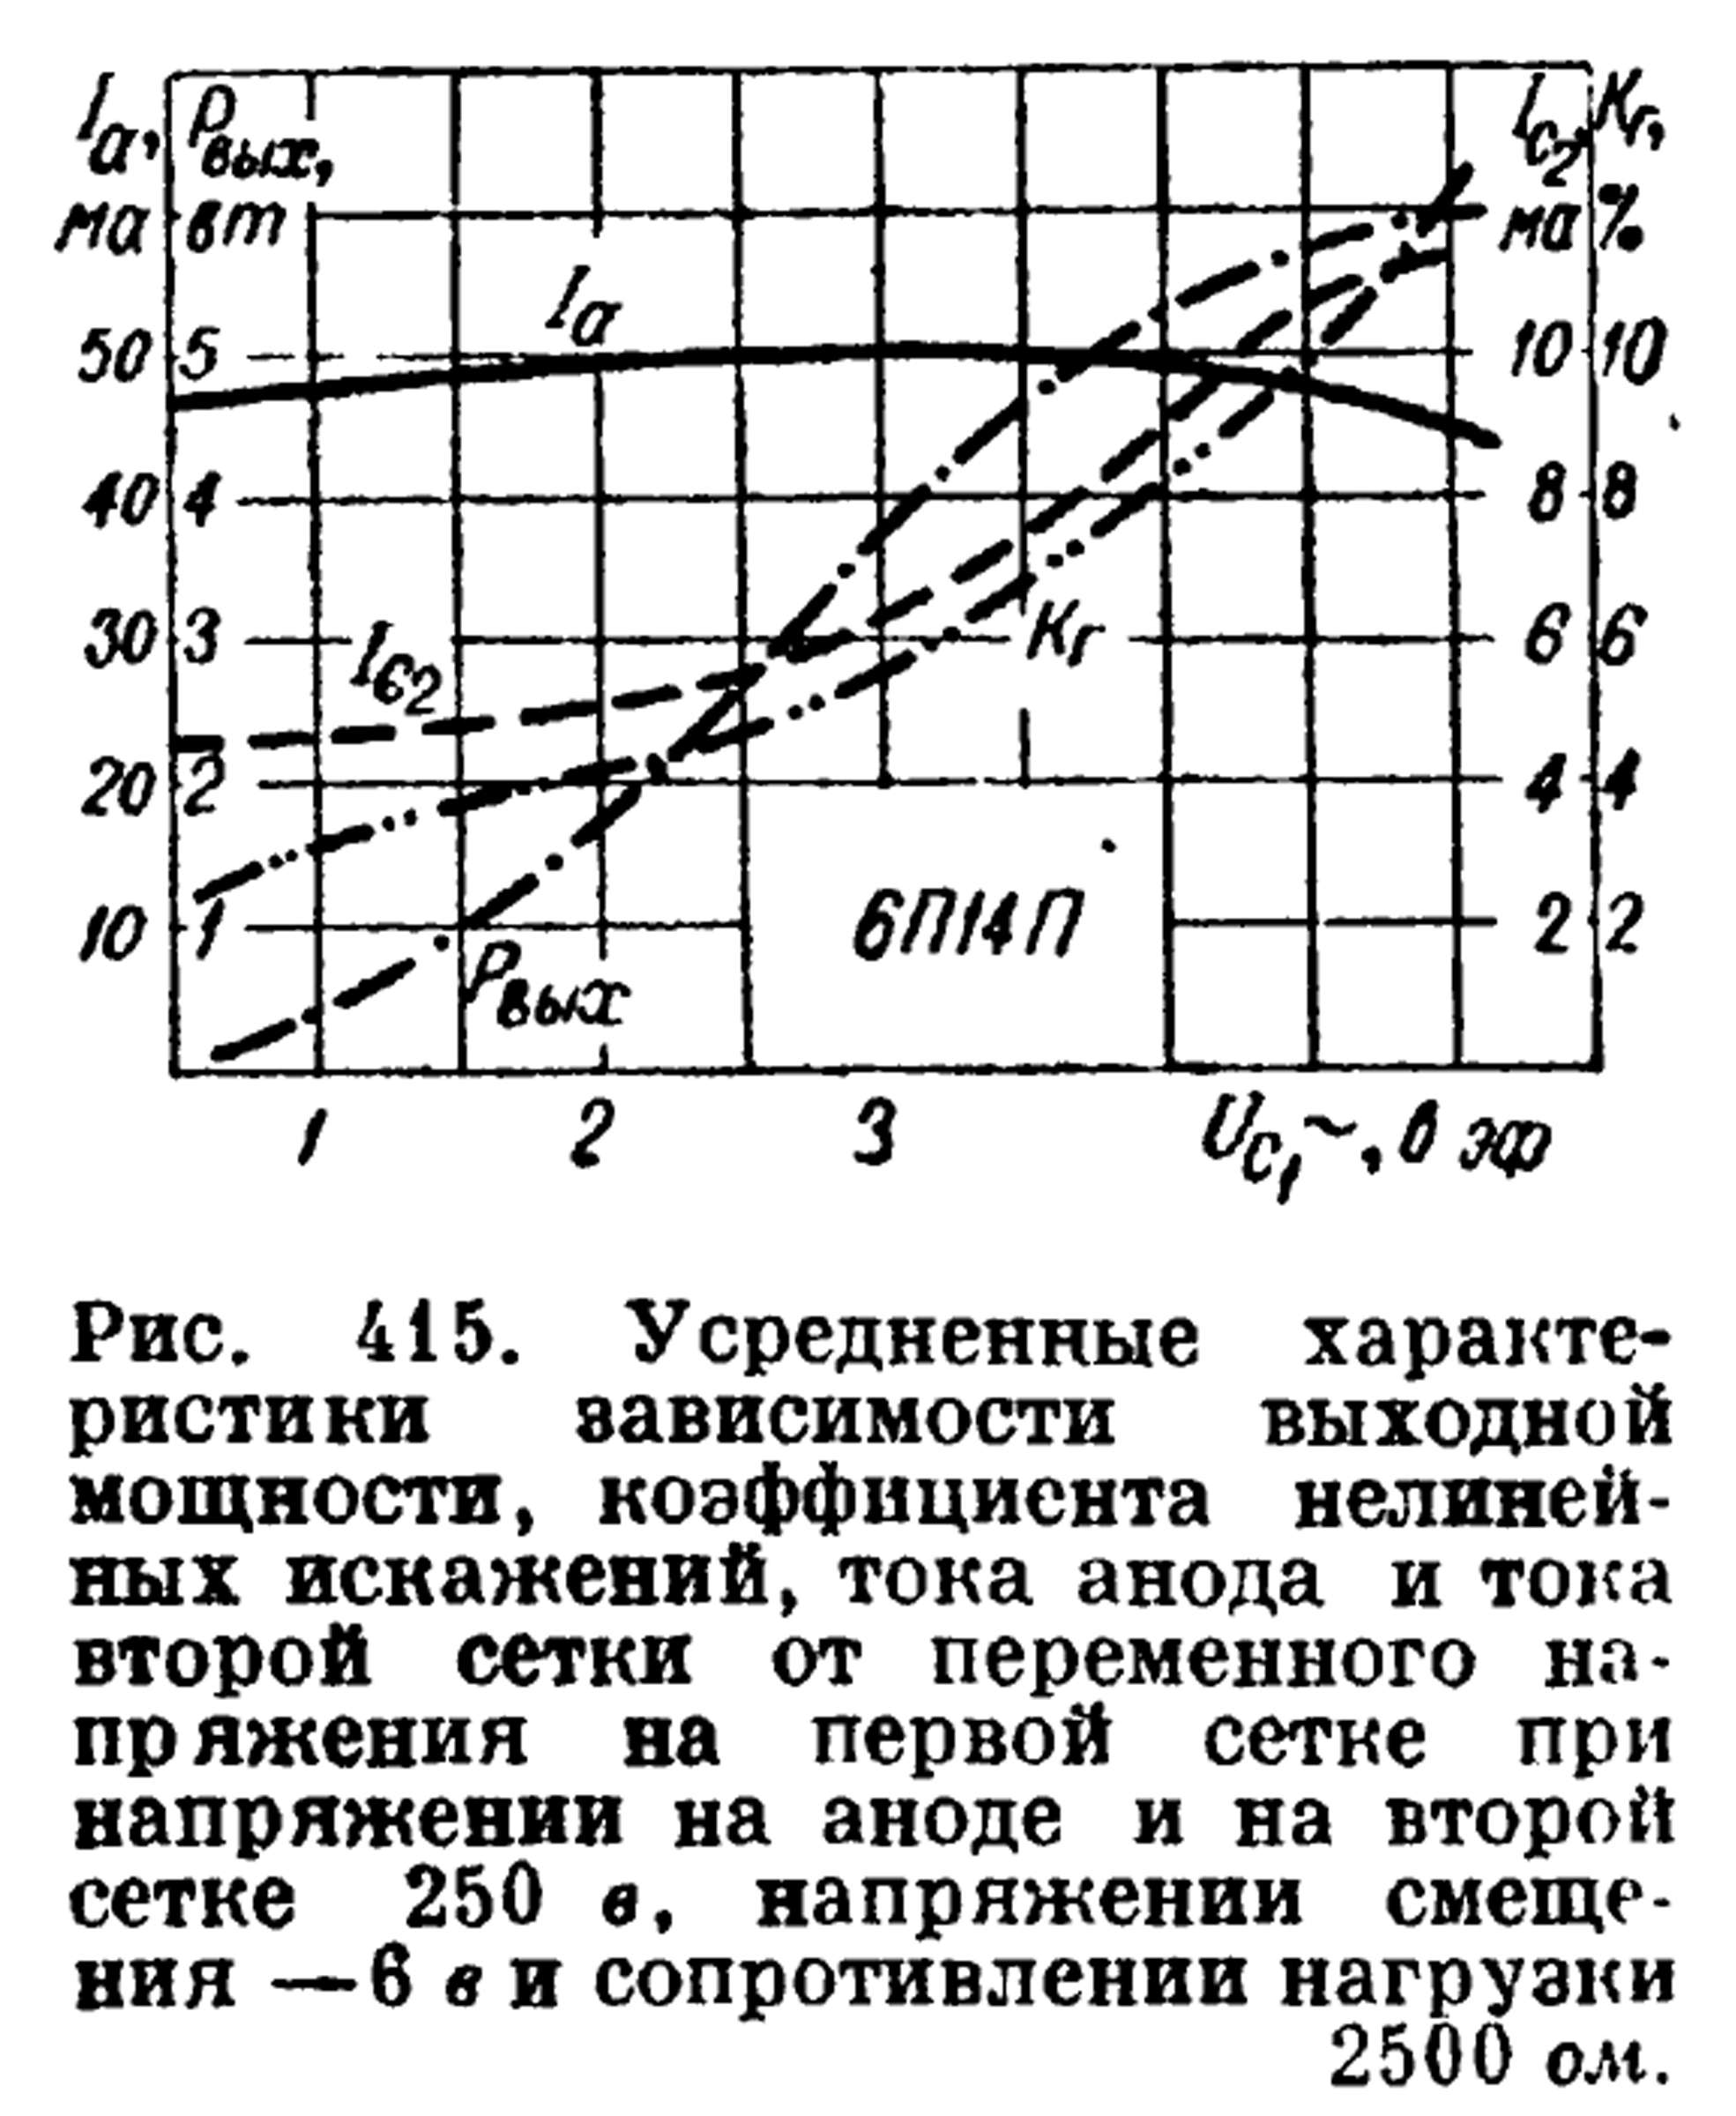 Параметры радиолампы 6П14П